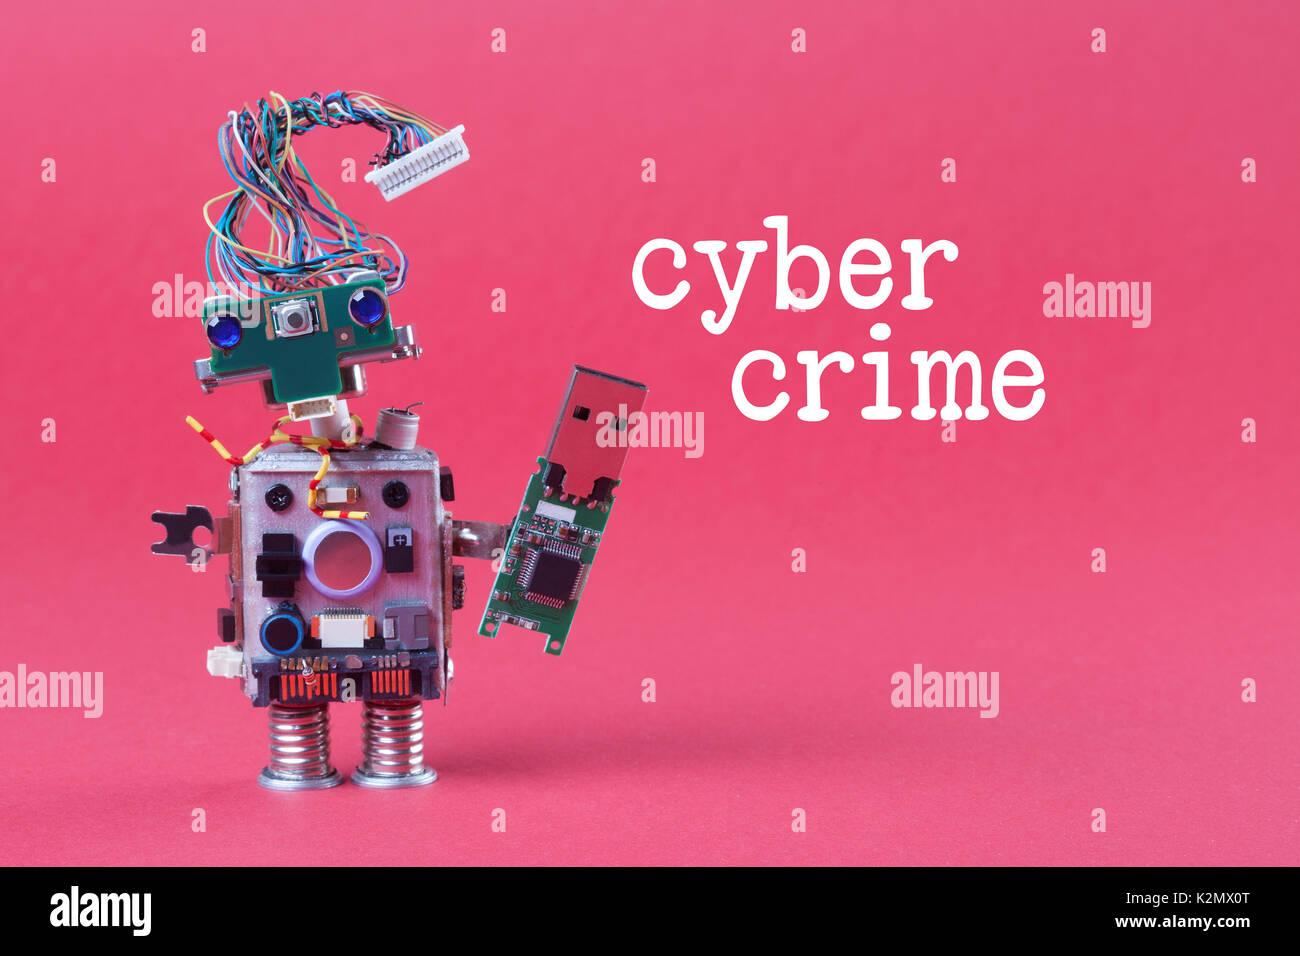 Cyberkriminalität und Daten hacking Konzept. Retro Roboter mit USB flash Speicher Stick, stilvolle computer Charakter Stockfoto